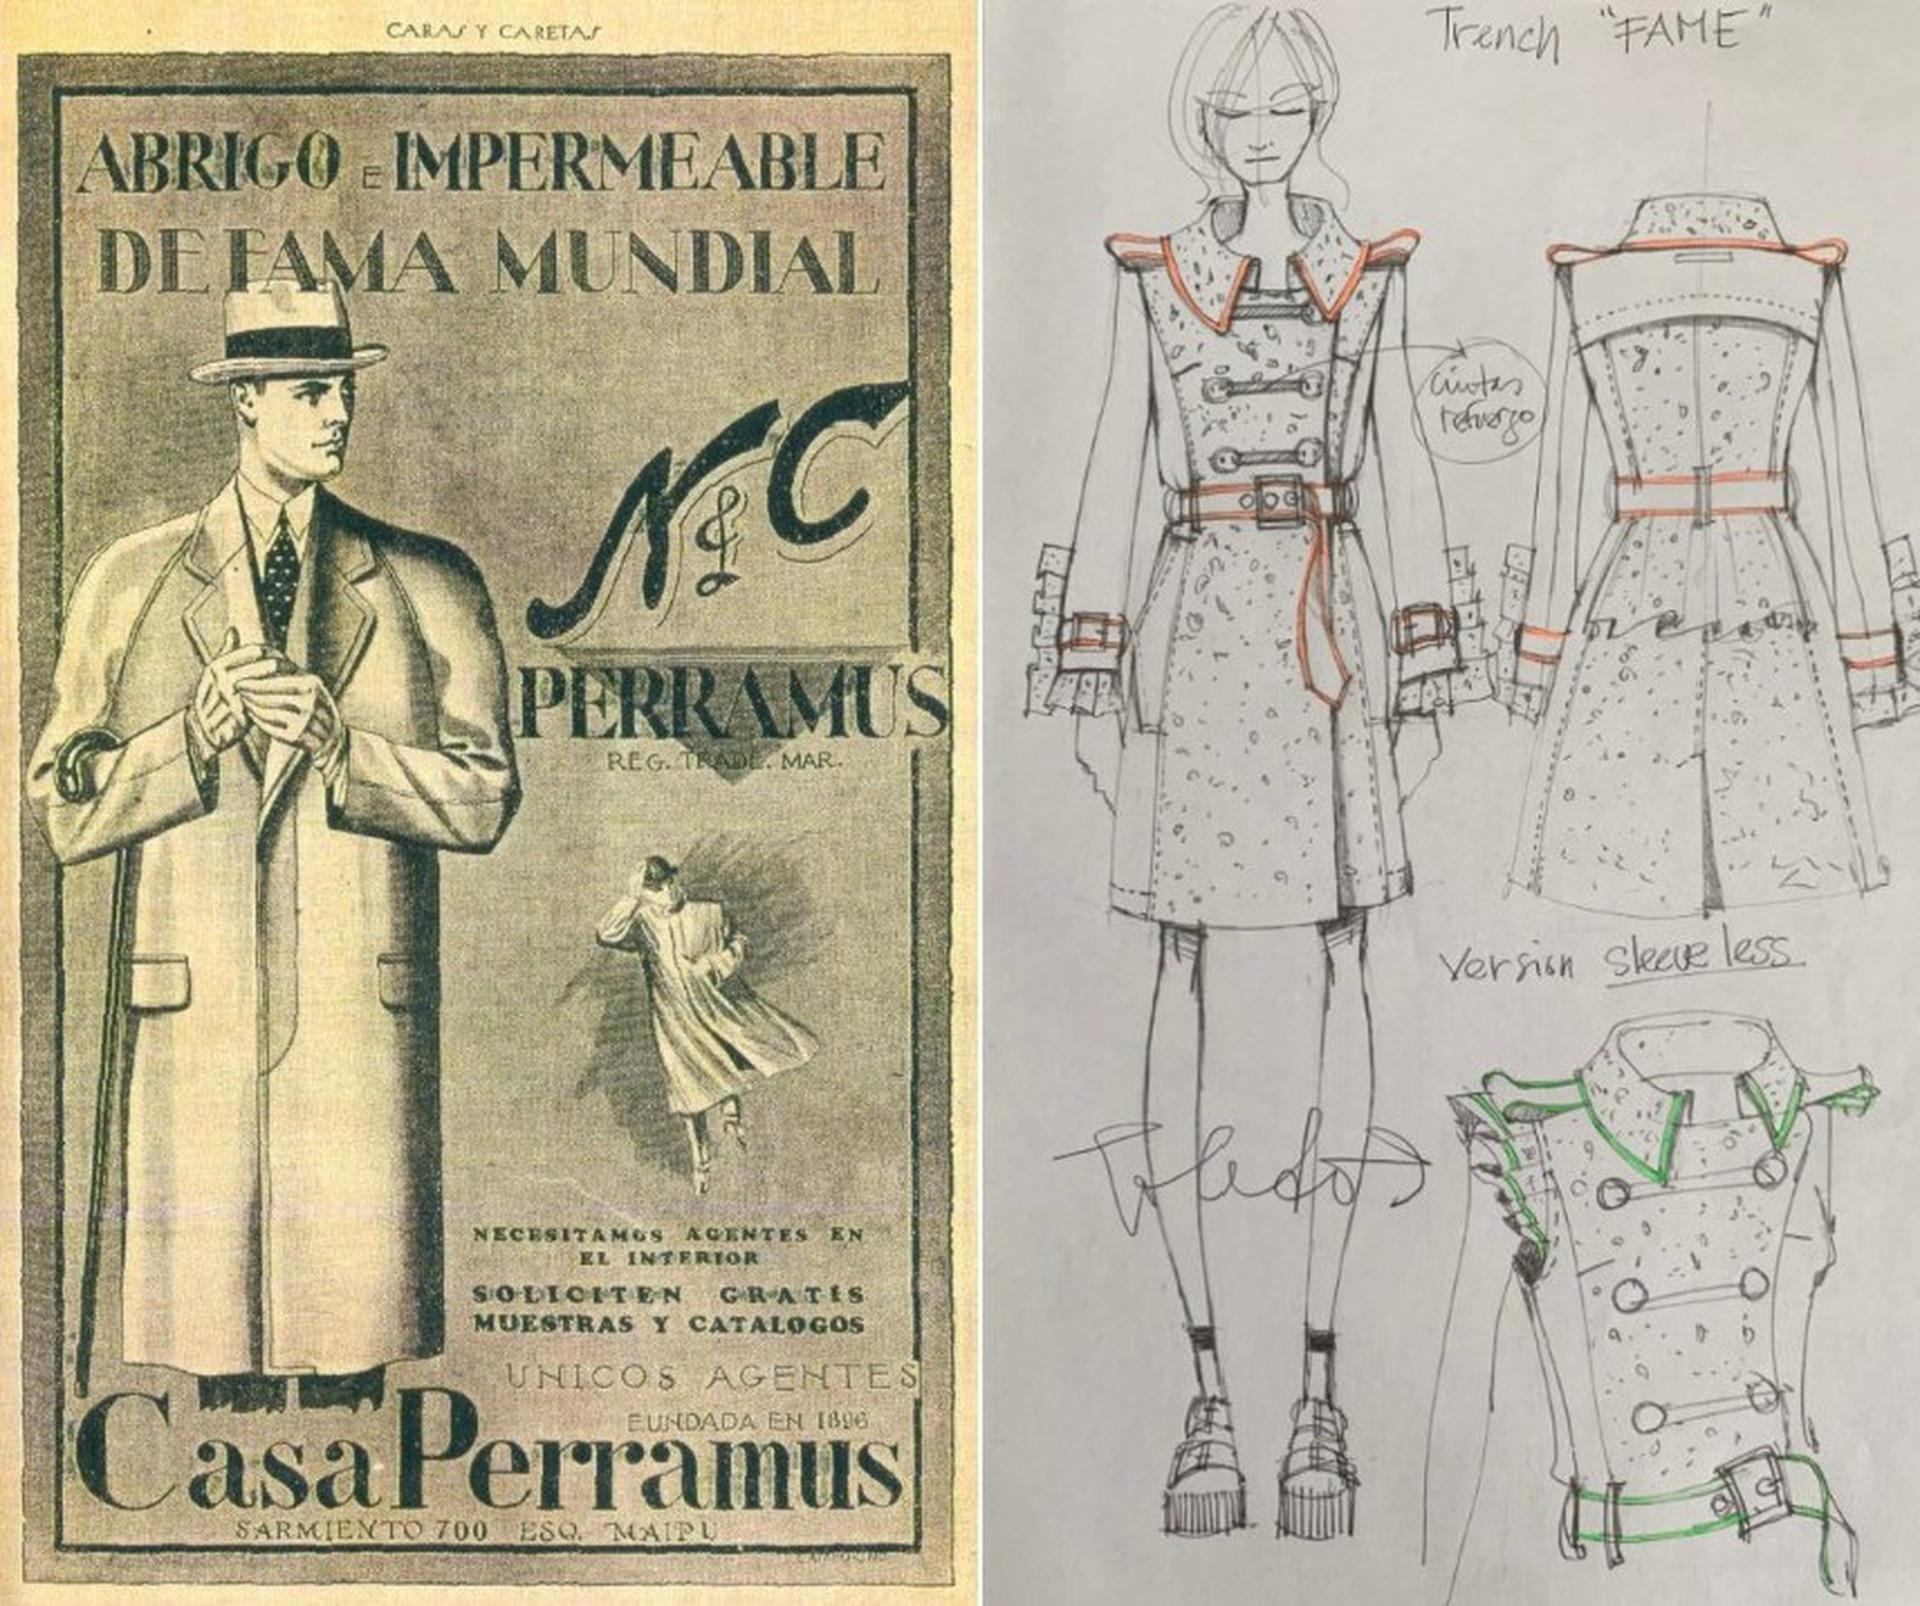 Un aviso publicitario de Perramus de antaño, y un boceto de Mariano Toledo, director creativo de Perramus New Generation